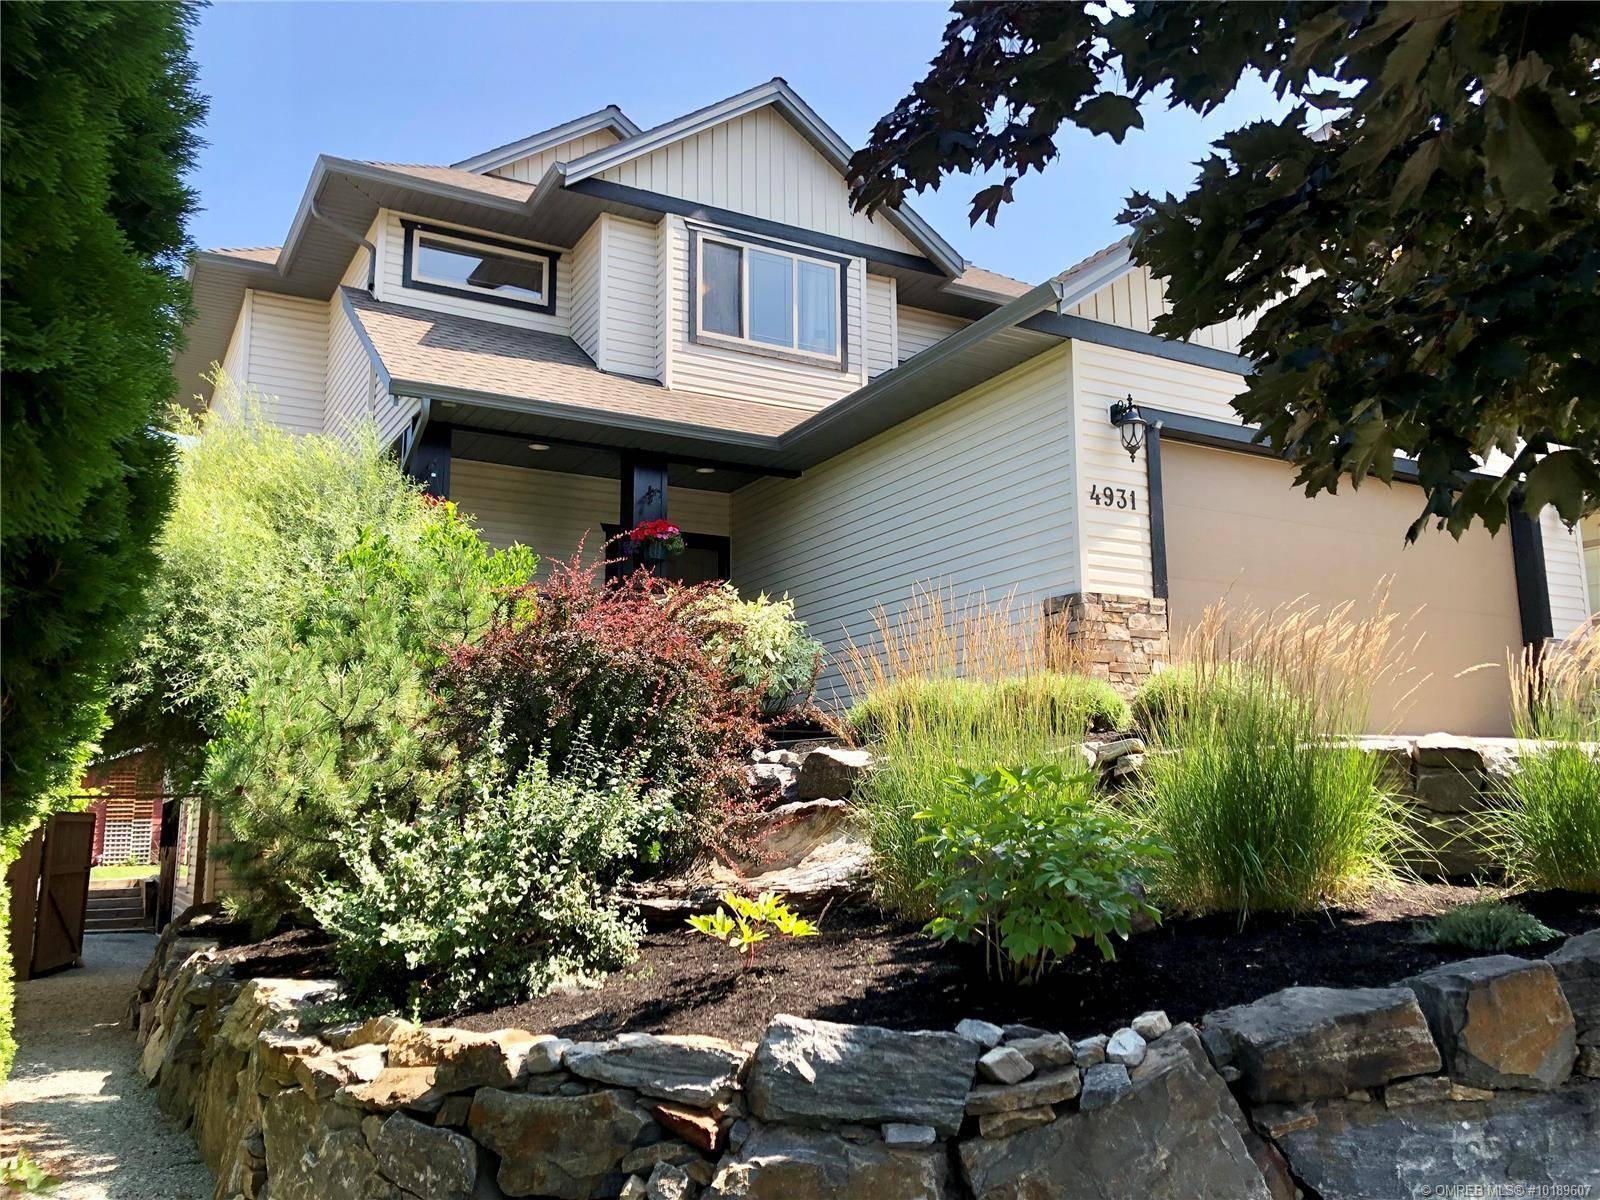 House for sale at 4931 Haskins Ct Kelowna British Columbia - MLS: 10189607